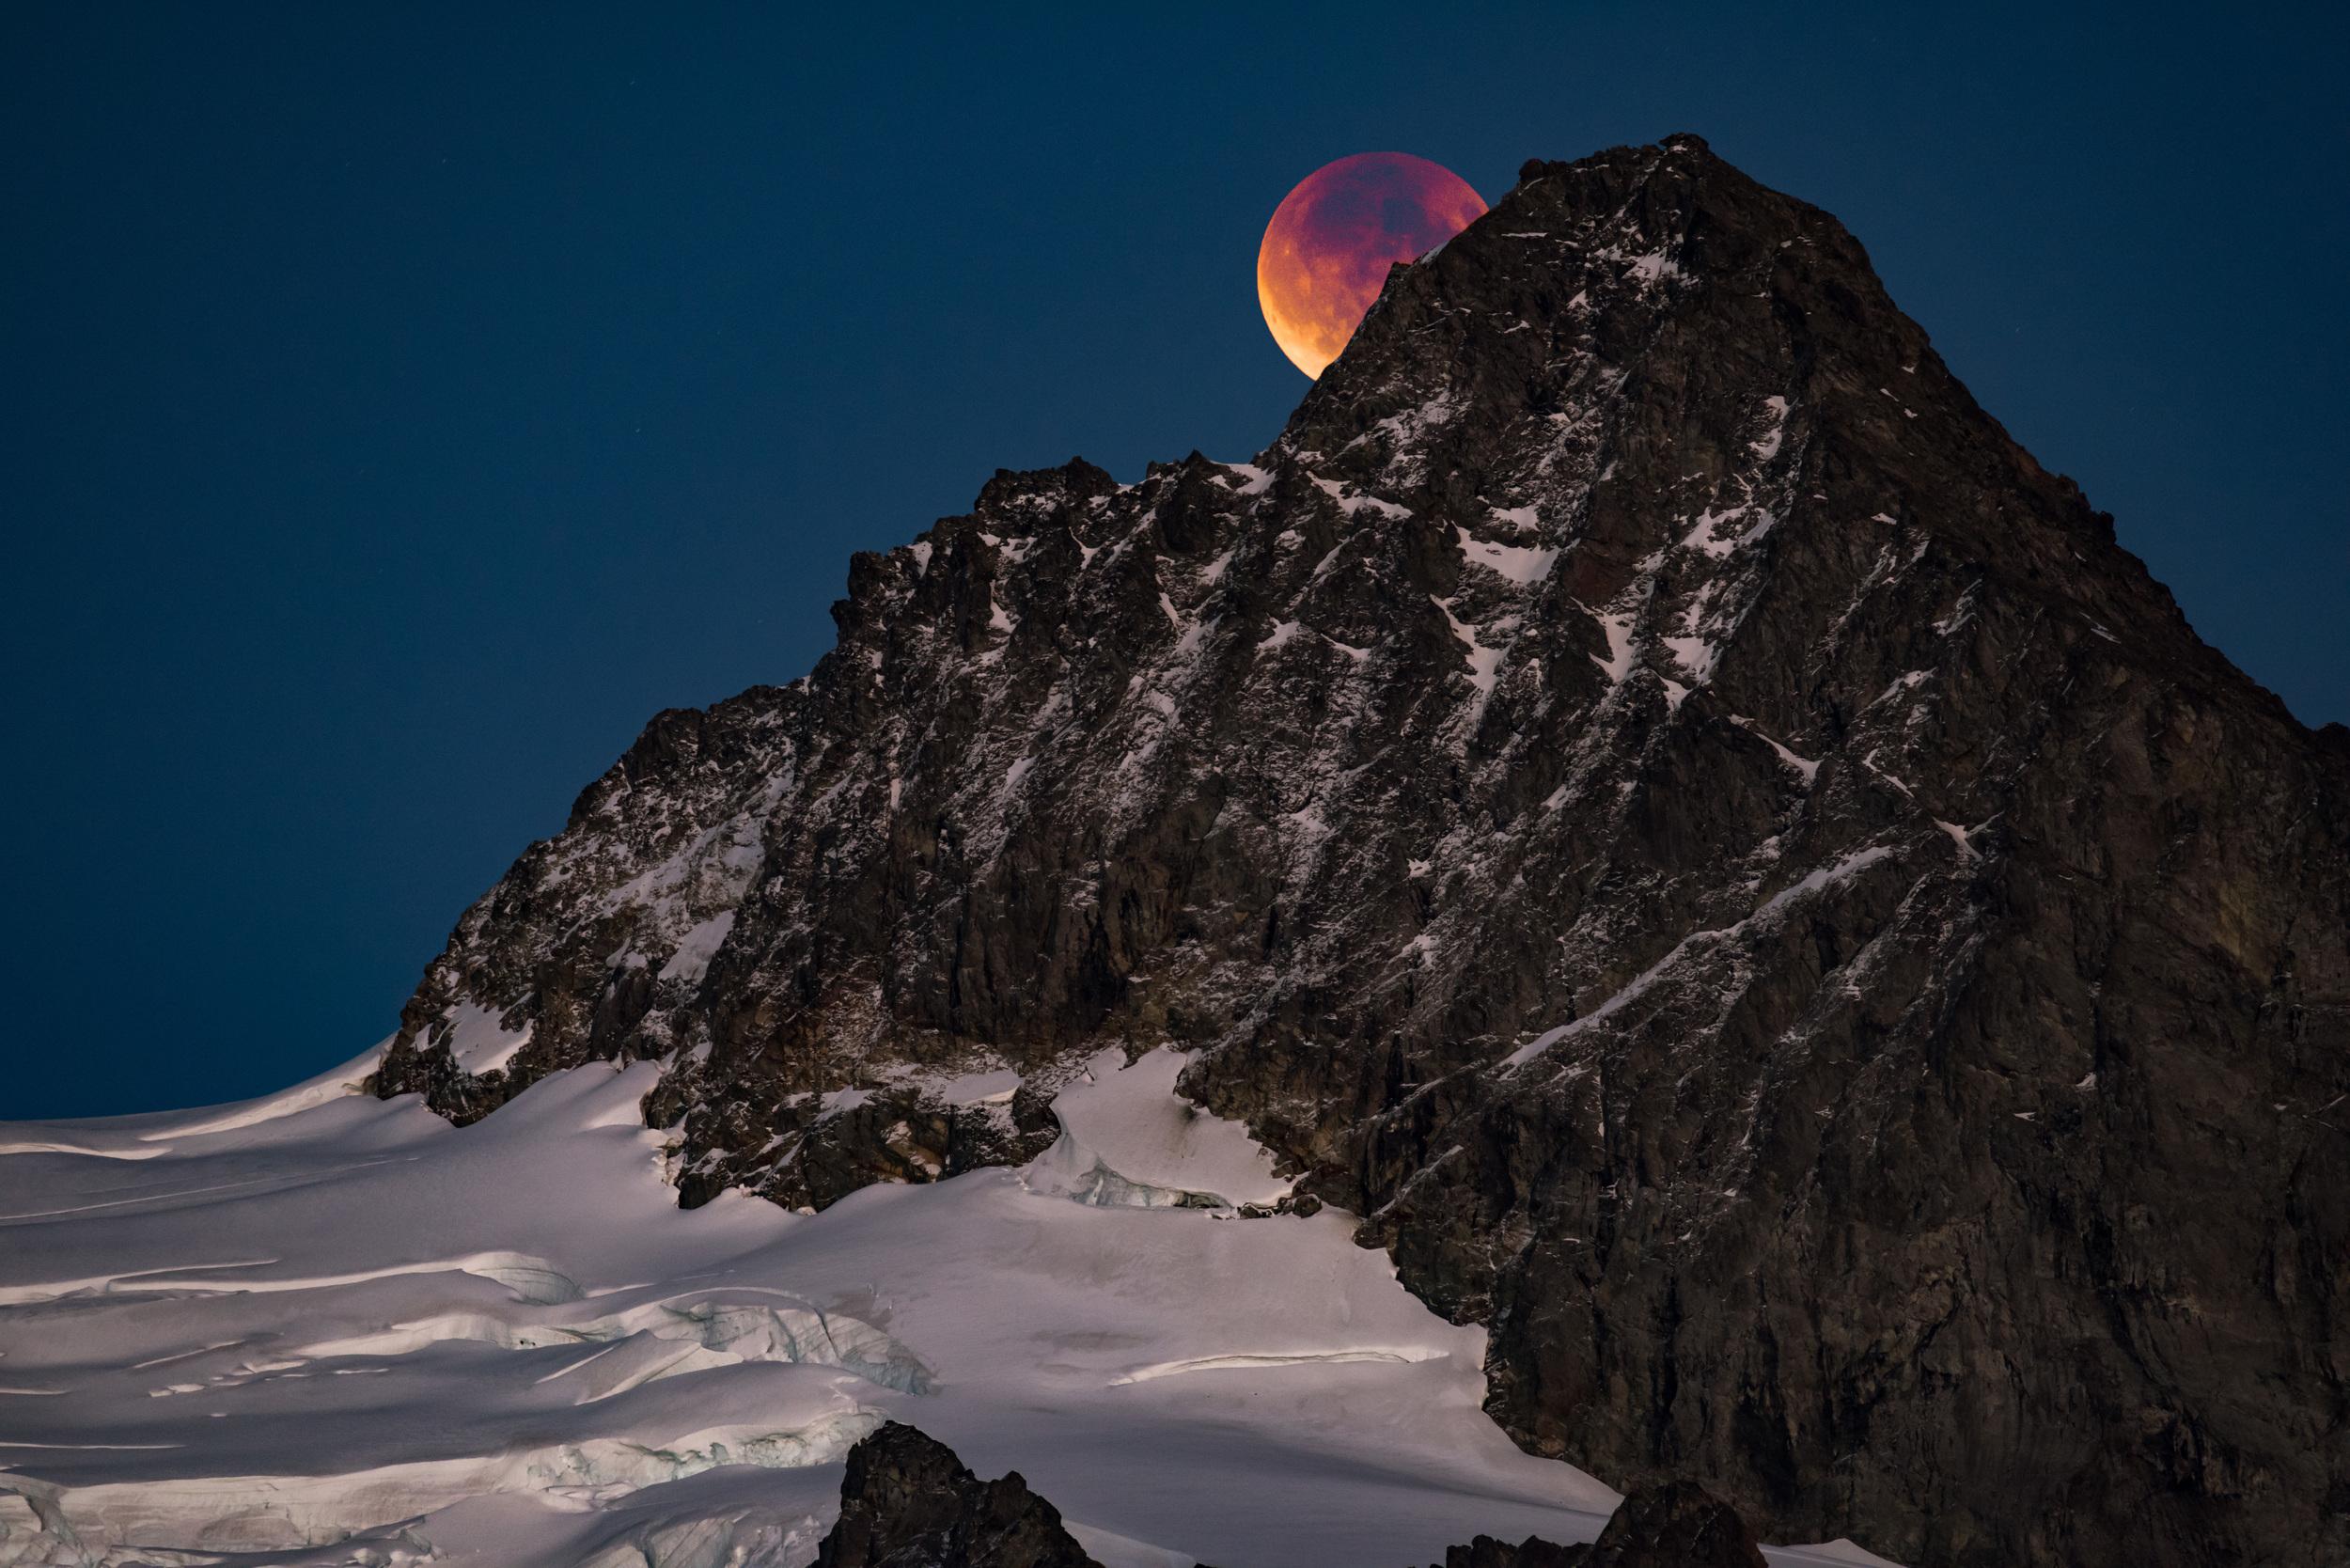 Blood Moon over Mount Shuksan